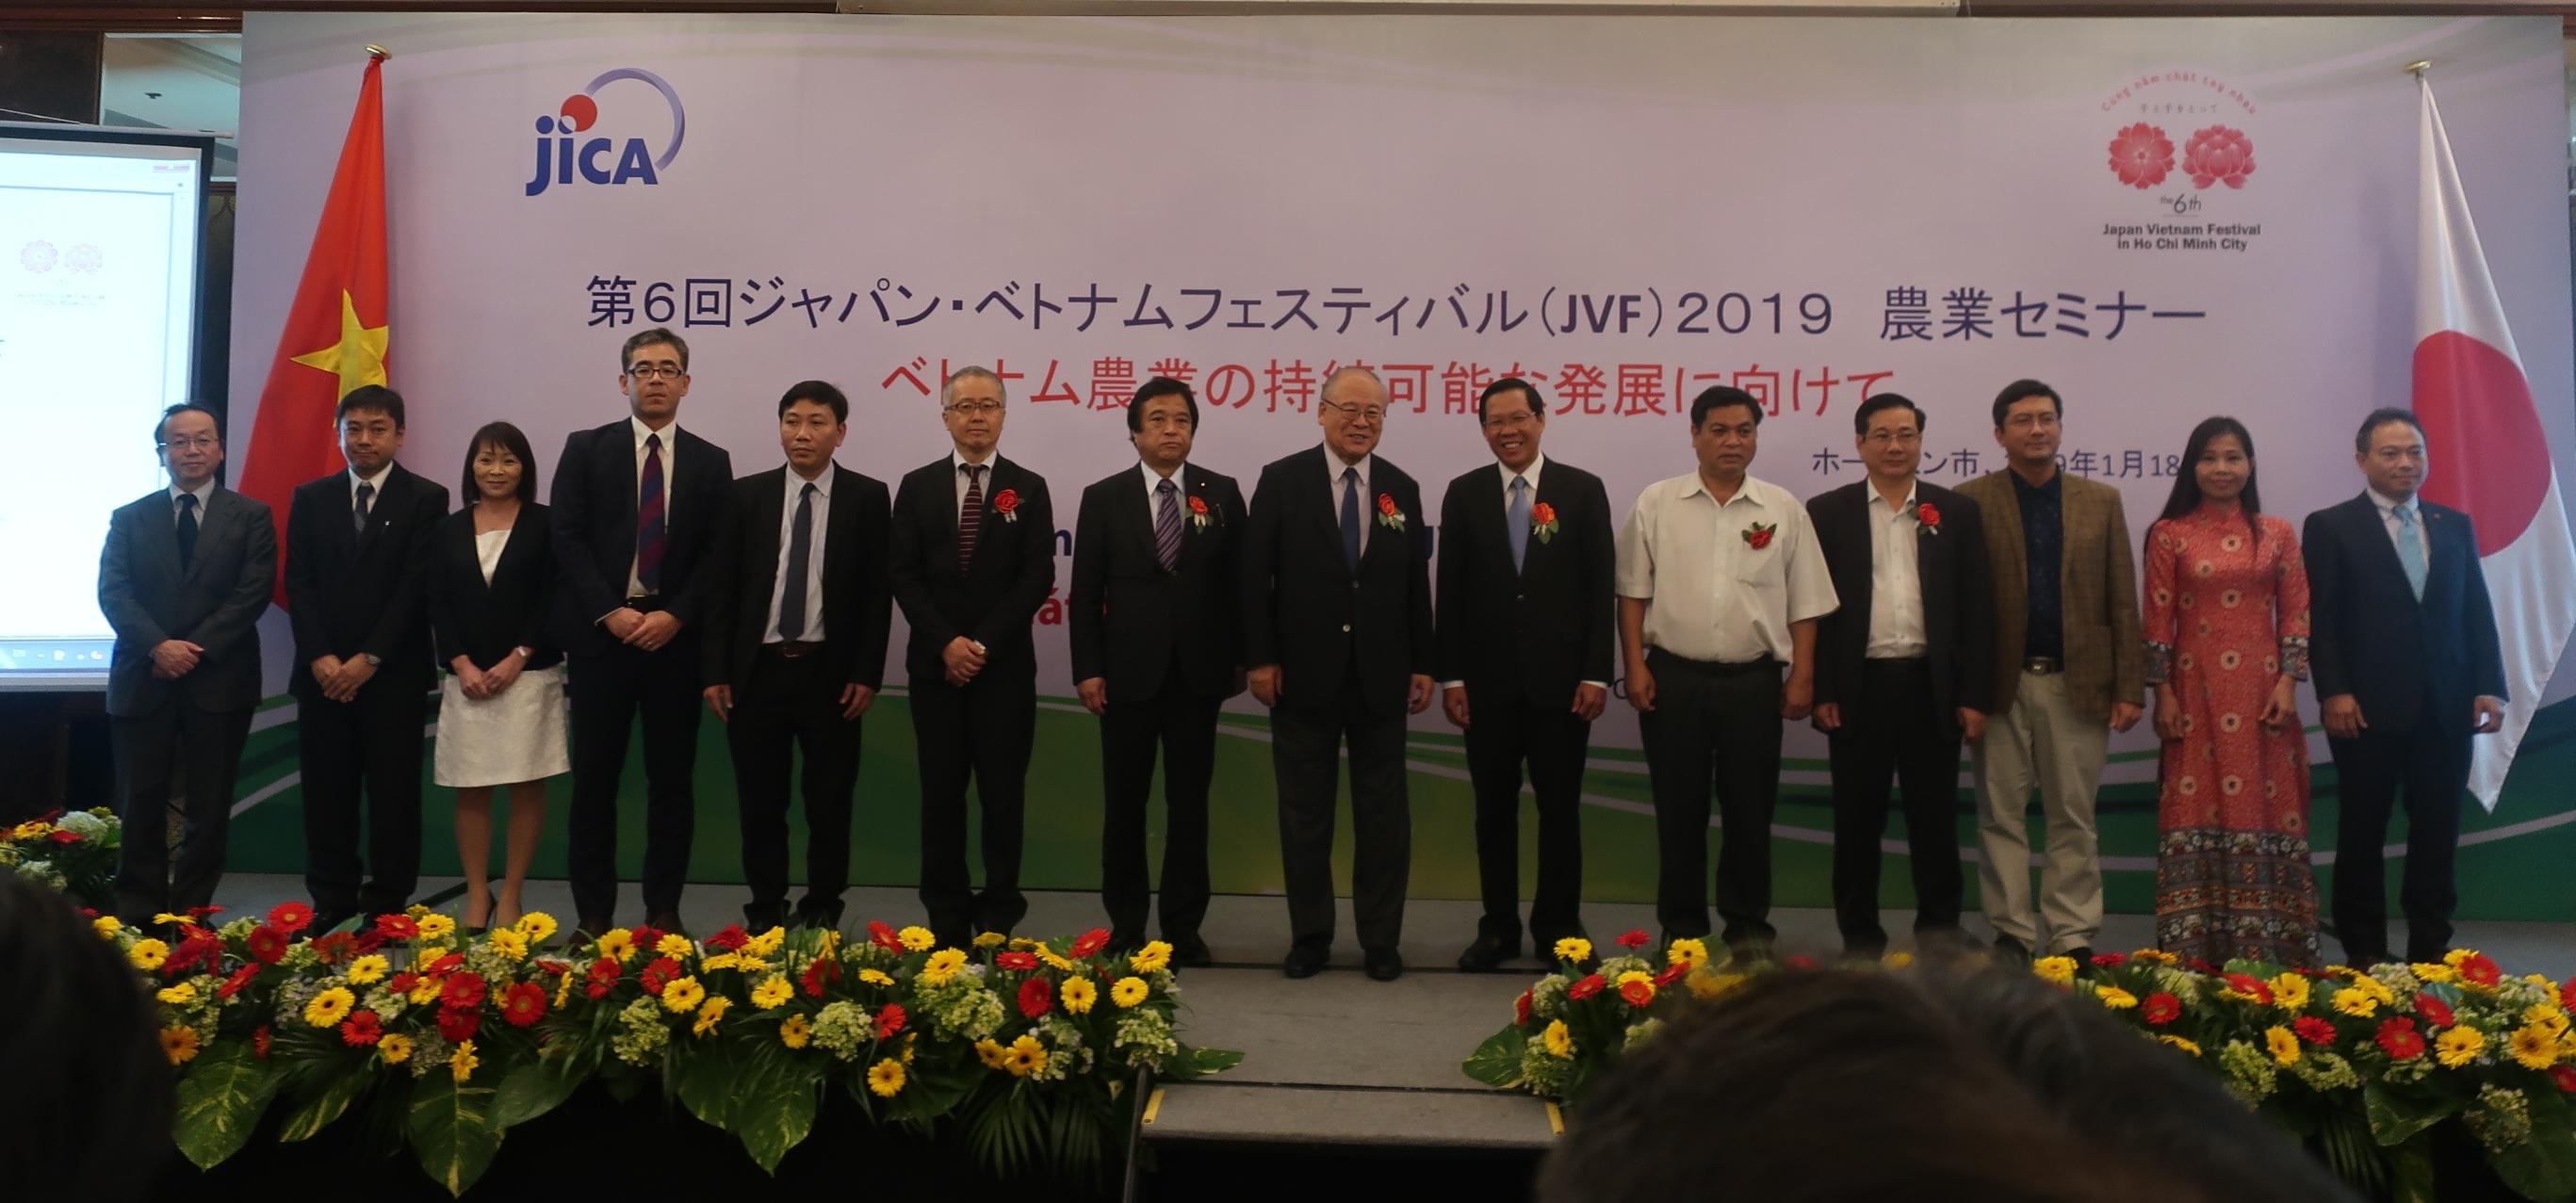 Nhật Bản tiếp tục hỗ trợ Việt Nam phát triển nông nghiệp bền vững